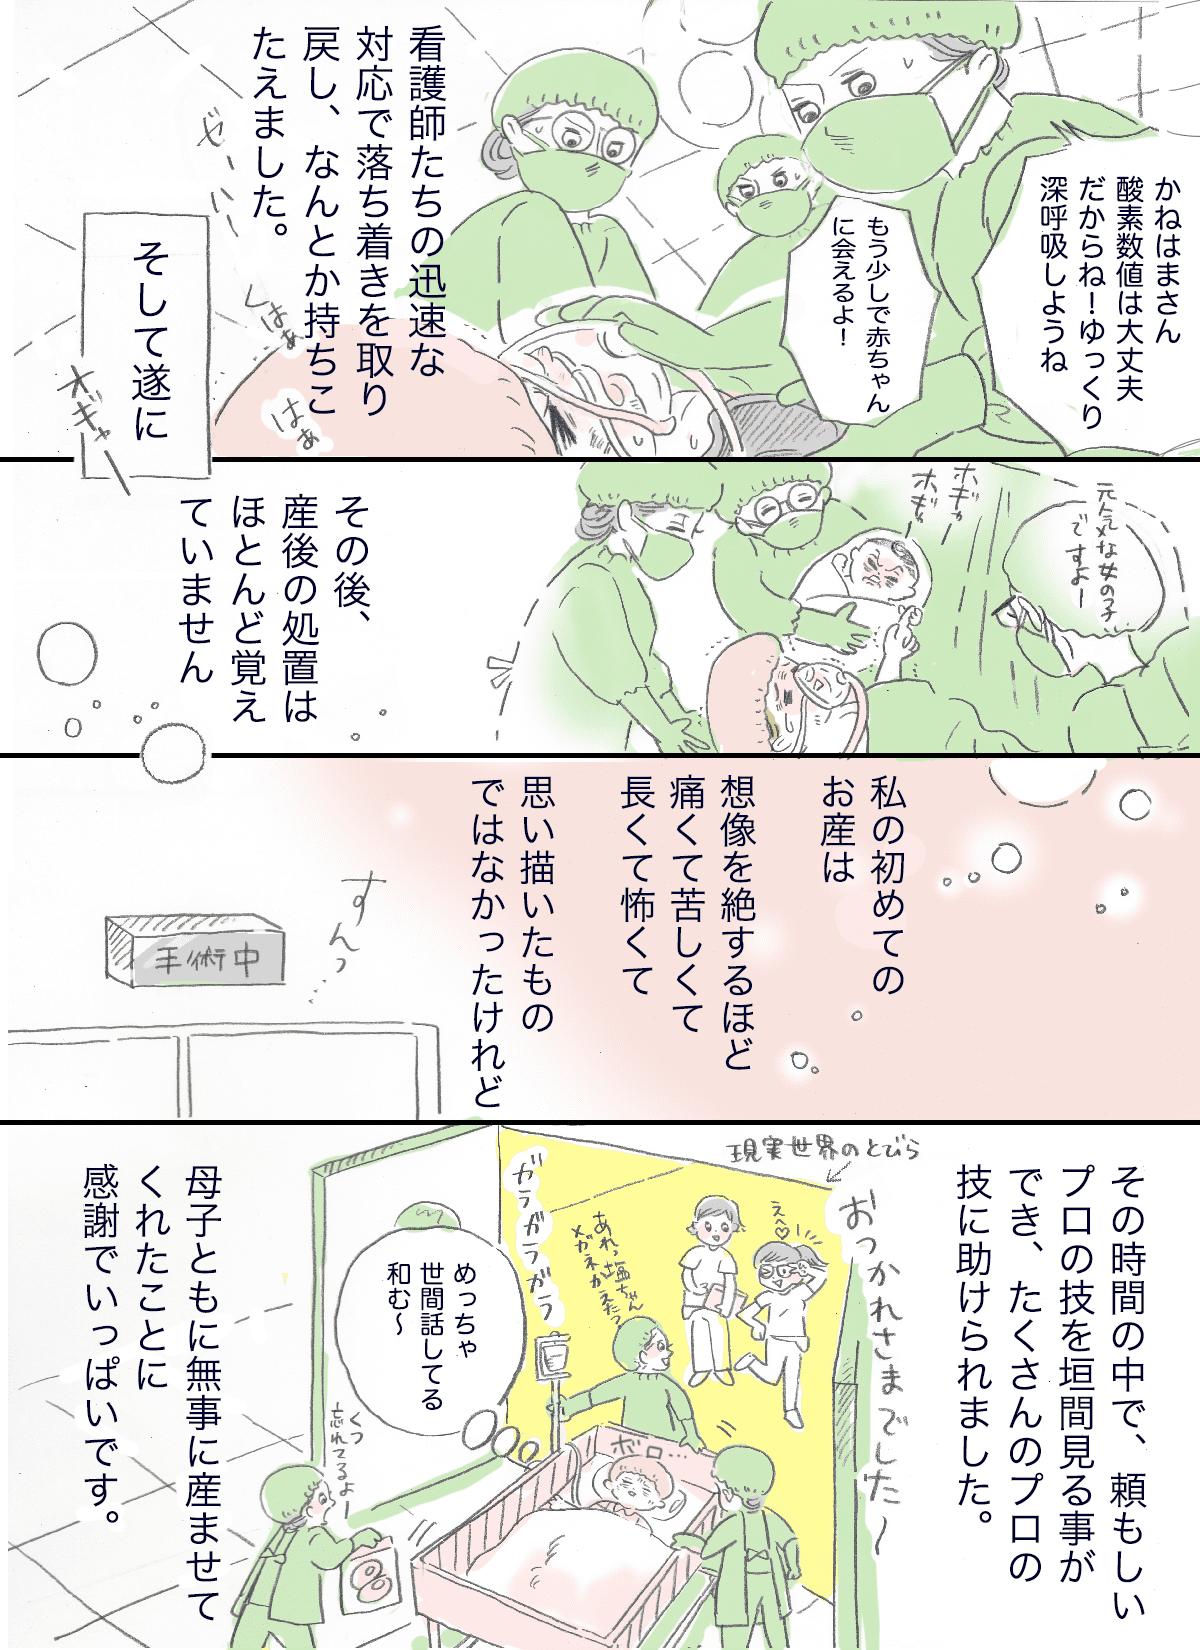 帝王切開05